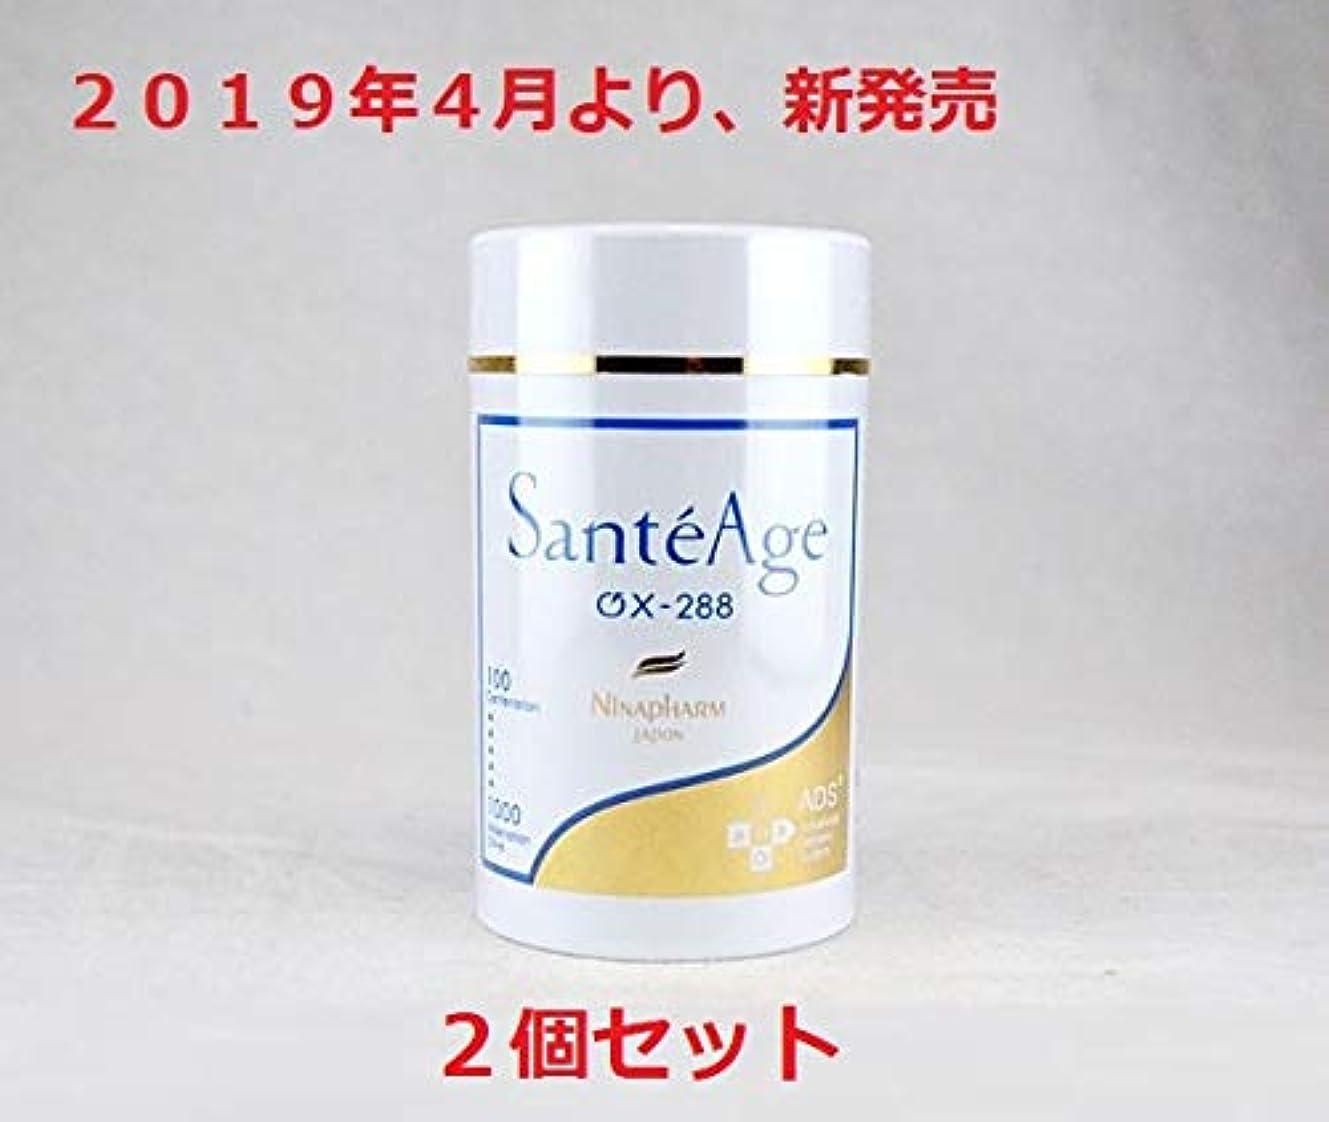 分熱意マスク2個セット【ゴールドパッケージ】サンテアージュOX  ニナファーム